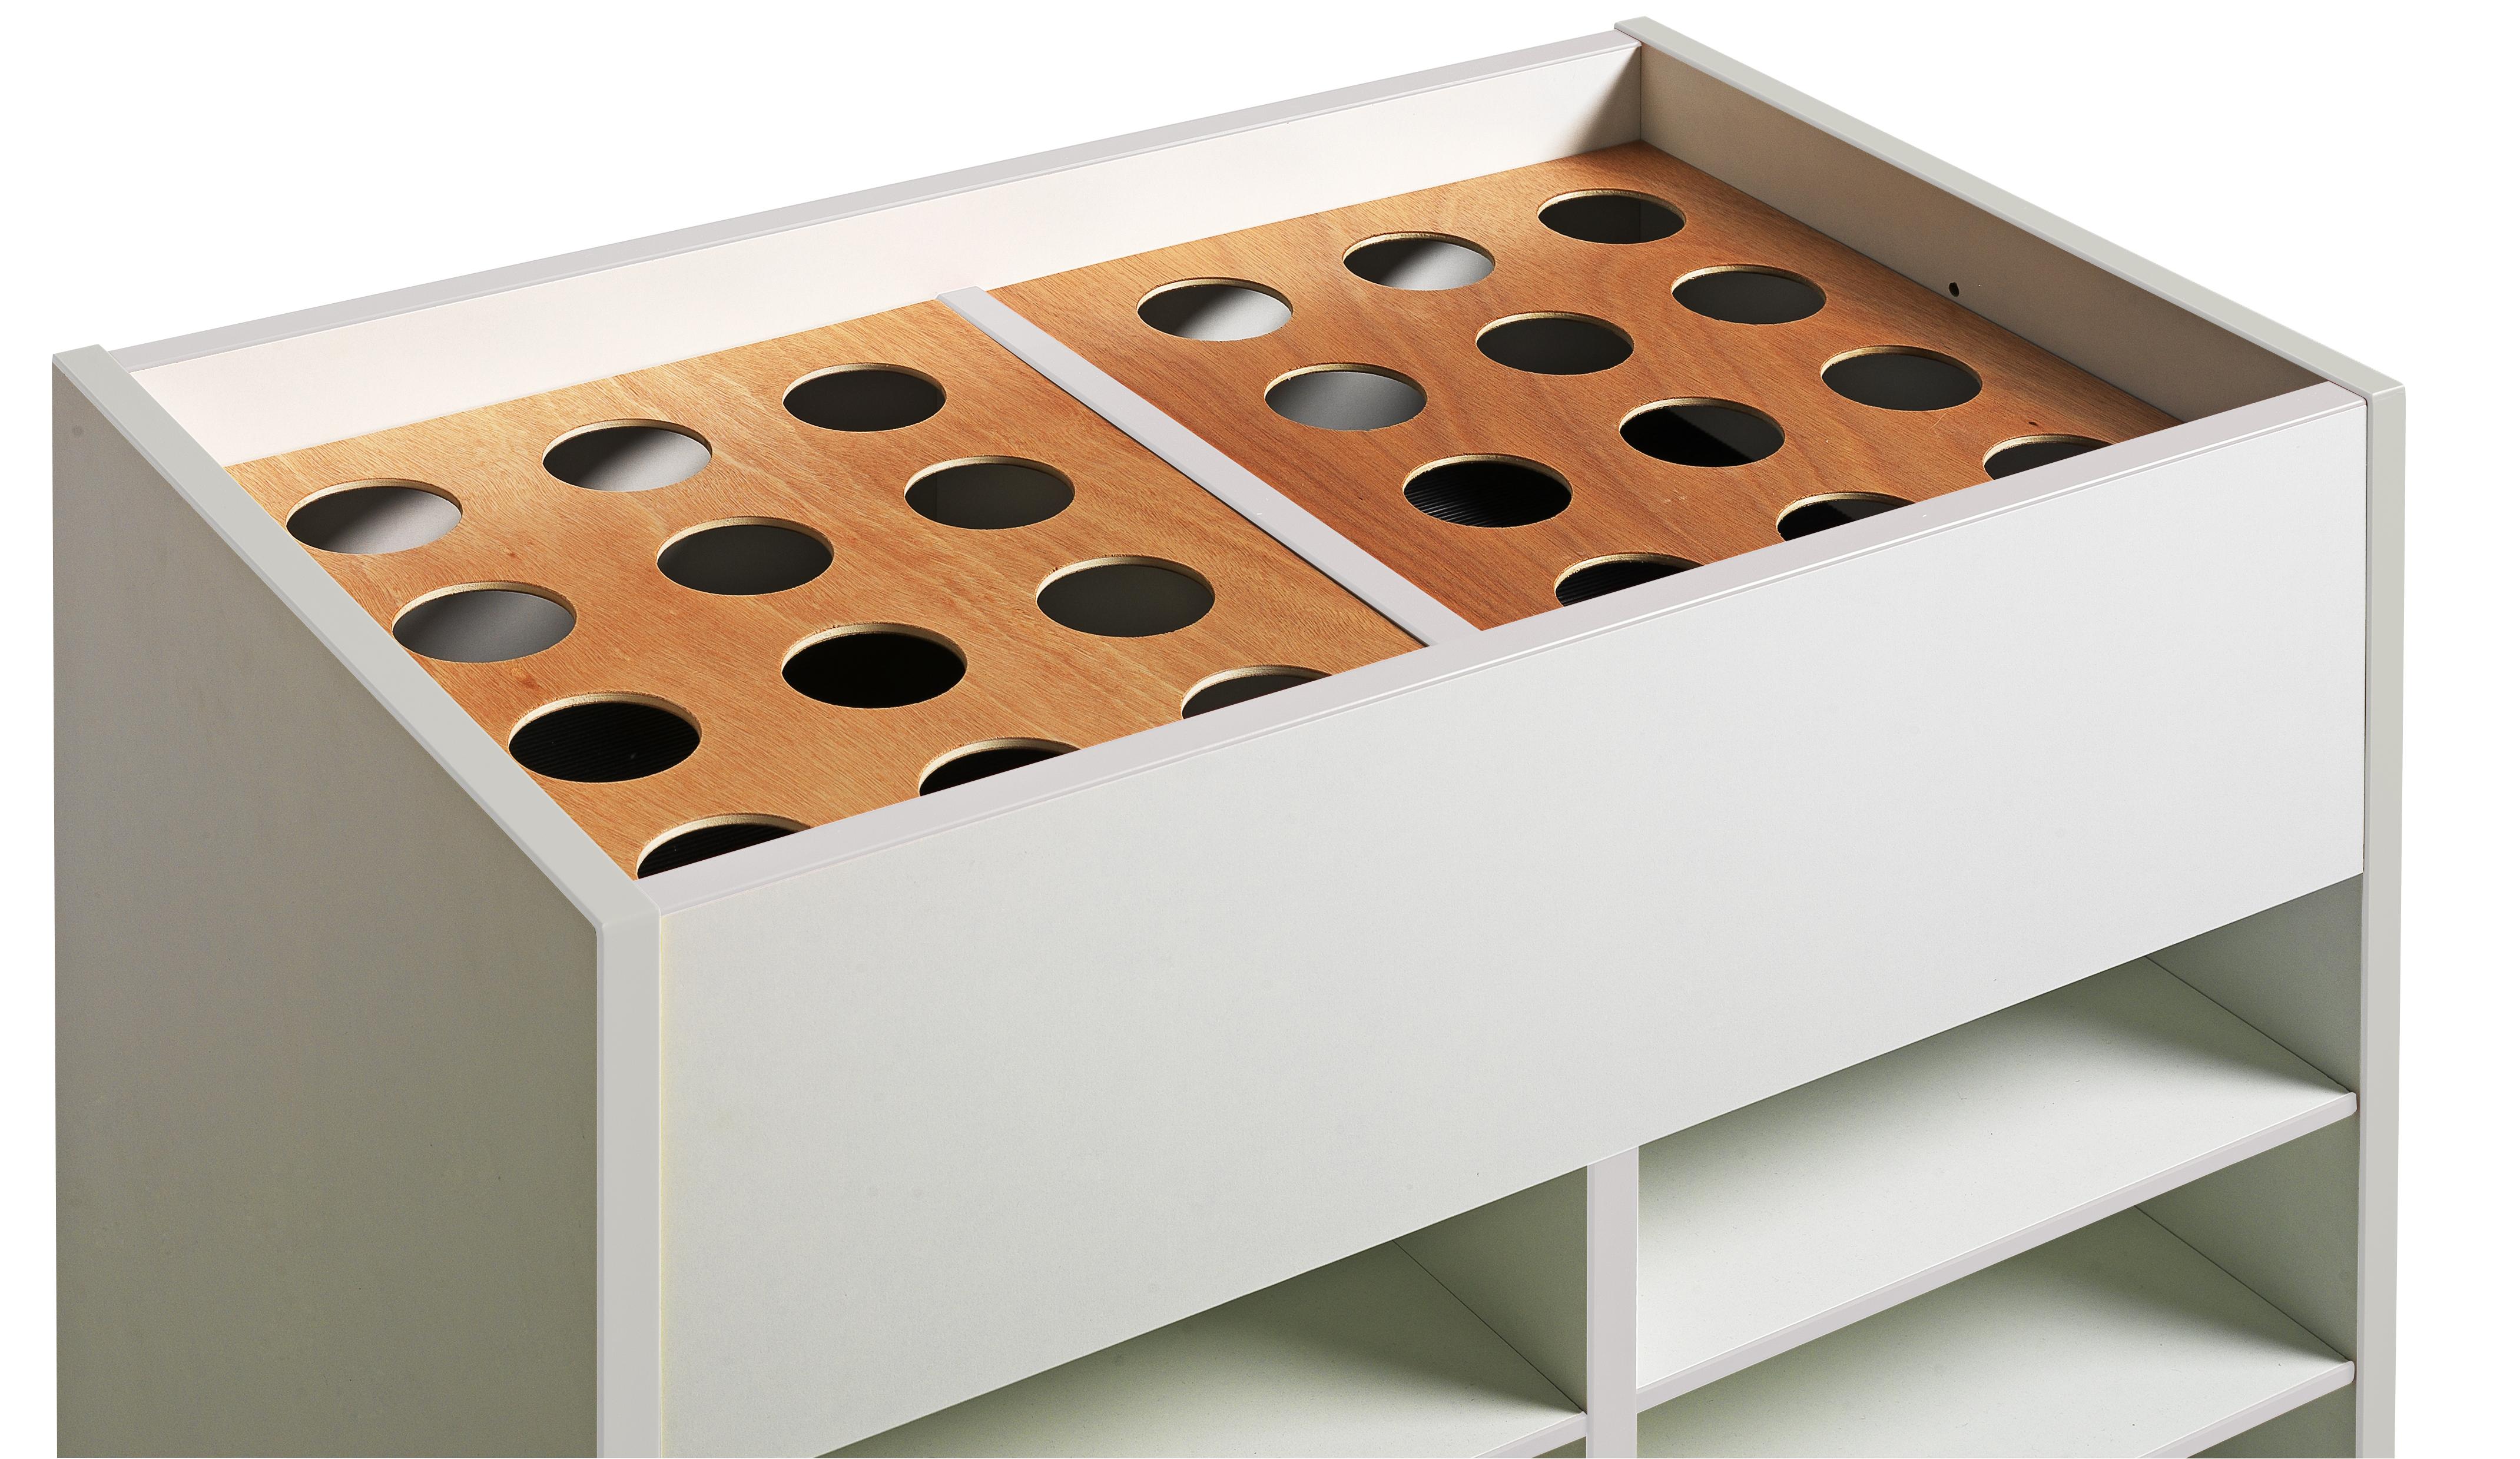 Dpc maternelle lot de 2 couvercle amovible pot de peinture pour meuble 6570 for Peinture resinence pour meuble